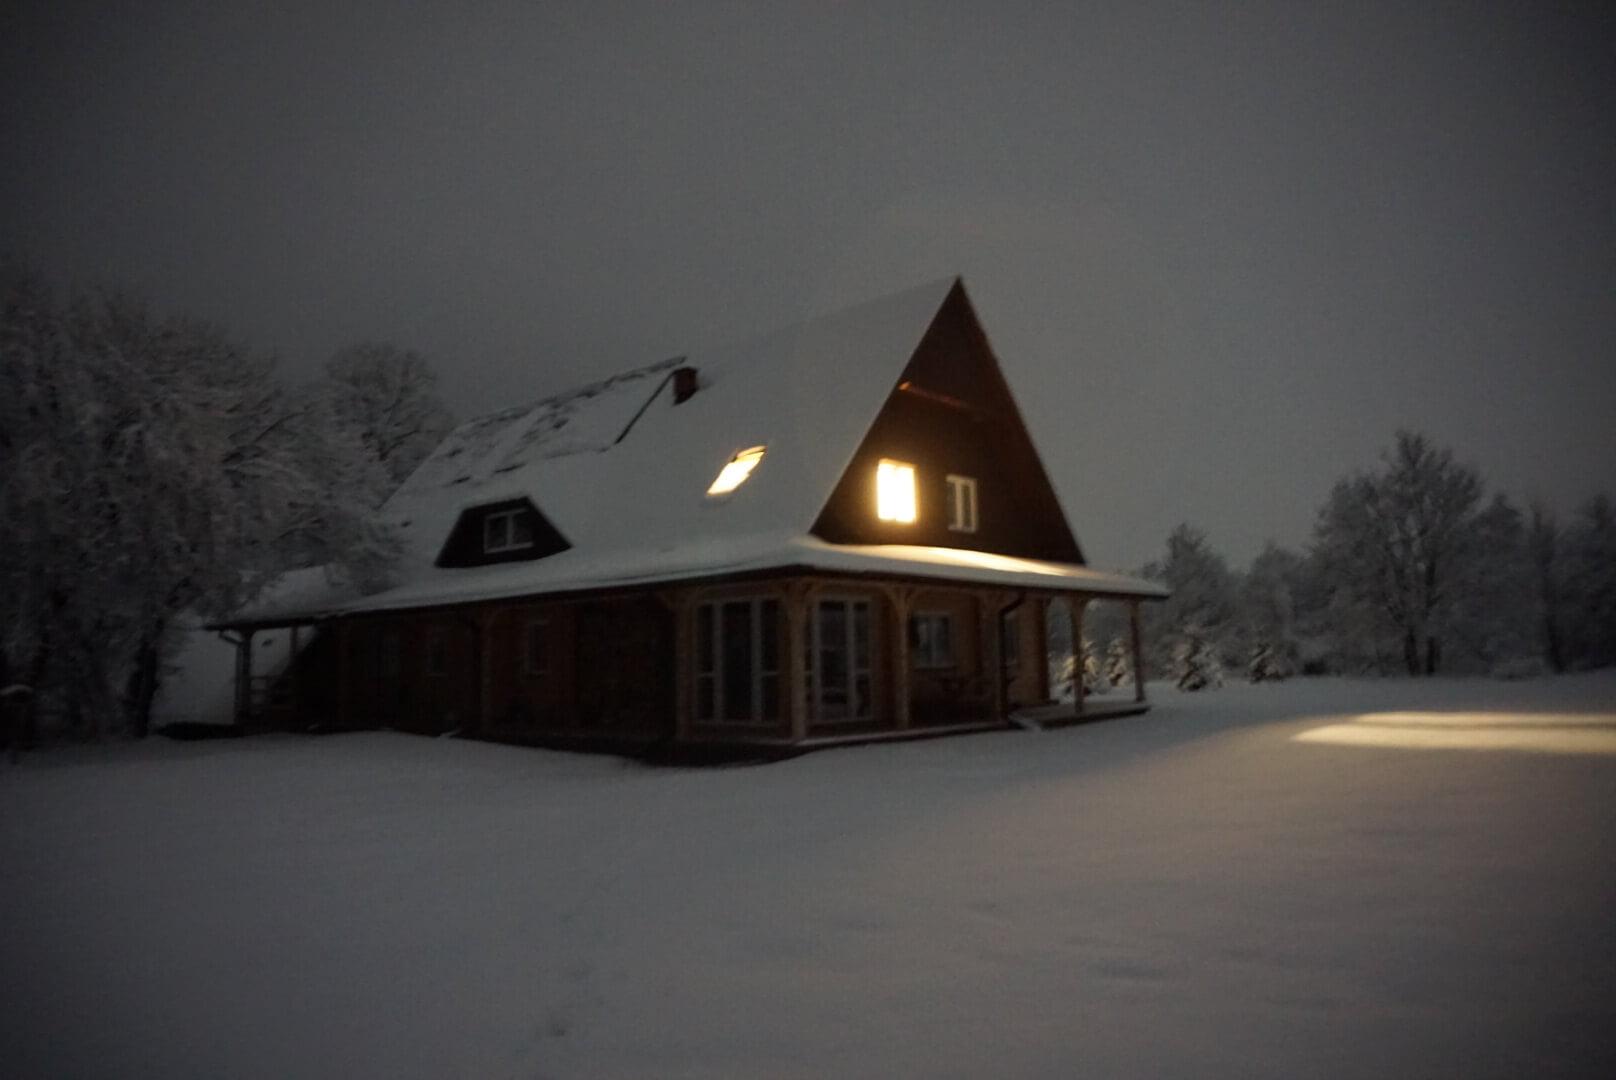 Nocne, zimowe niebo wfotografii Adama